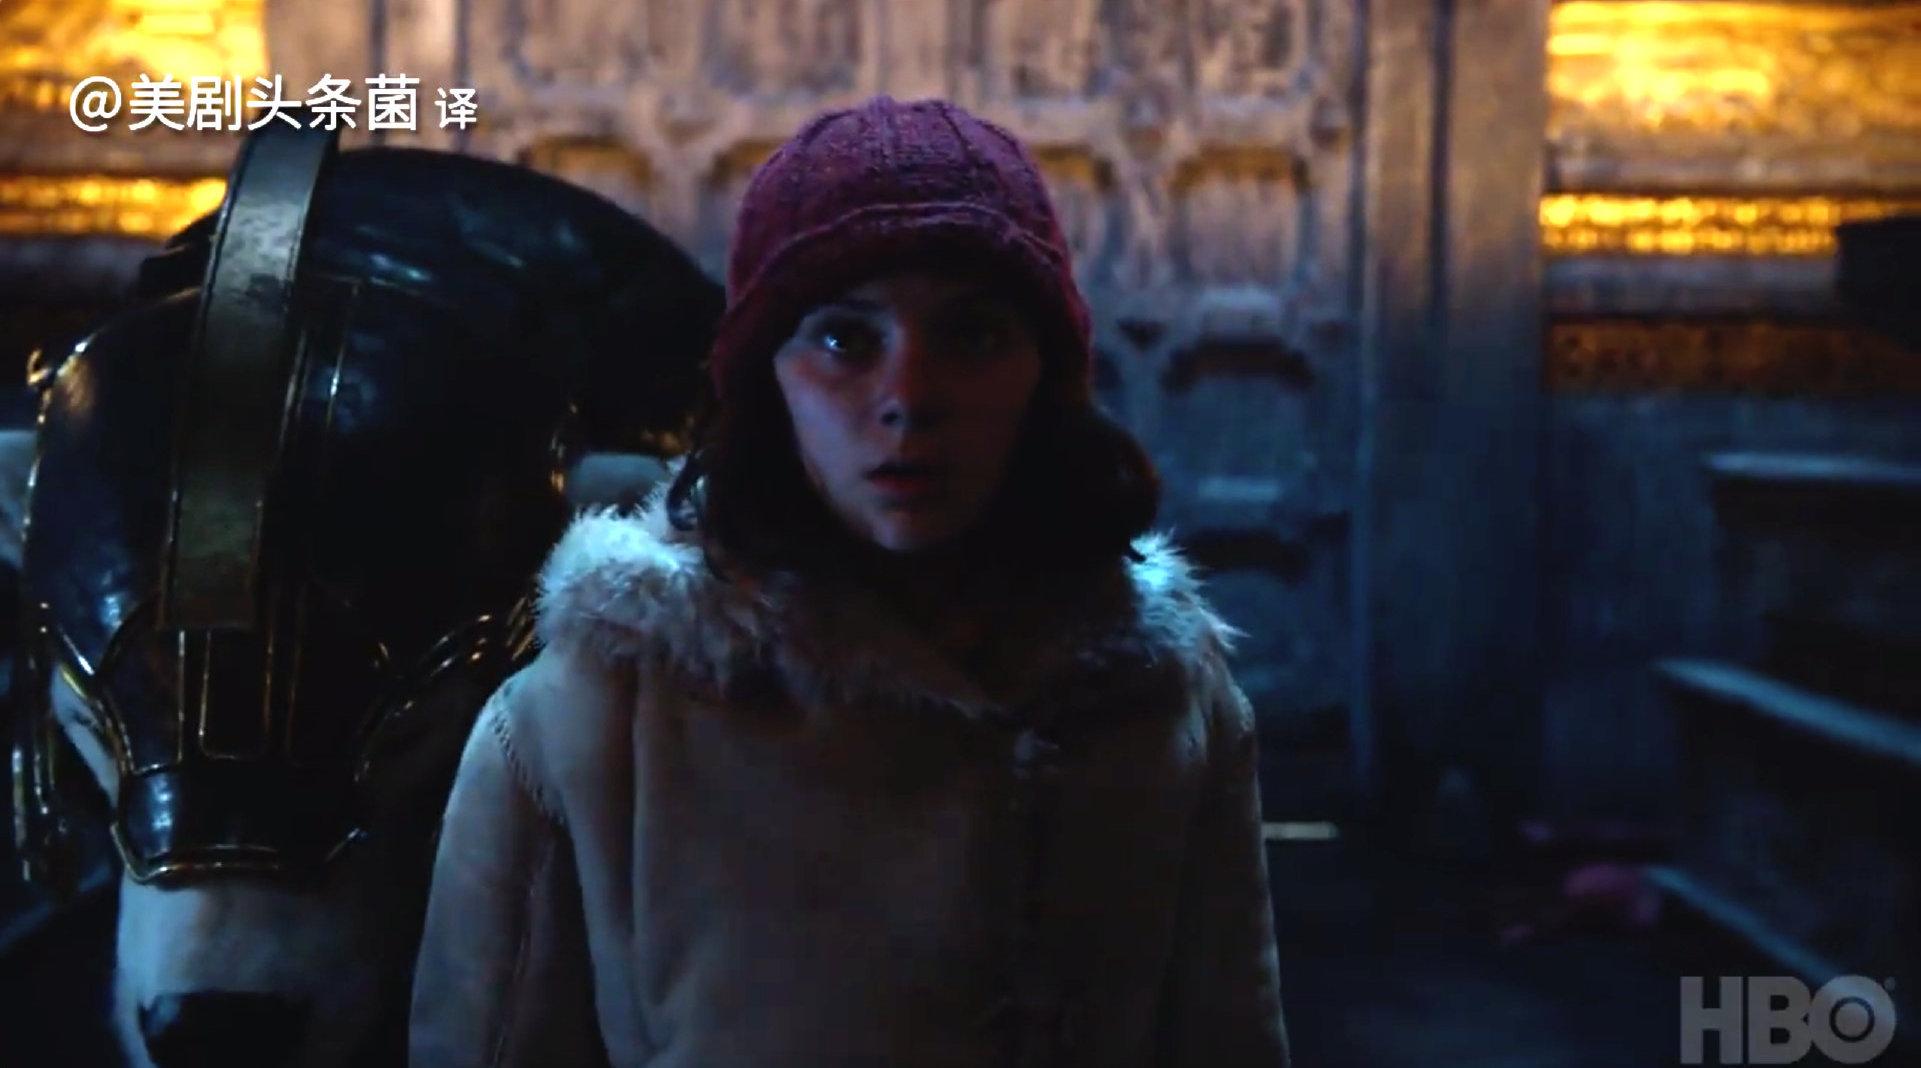 《黑暗物质》第二集BBC收视率大幅下滑